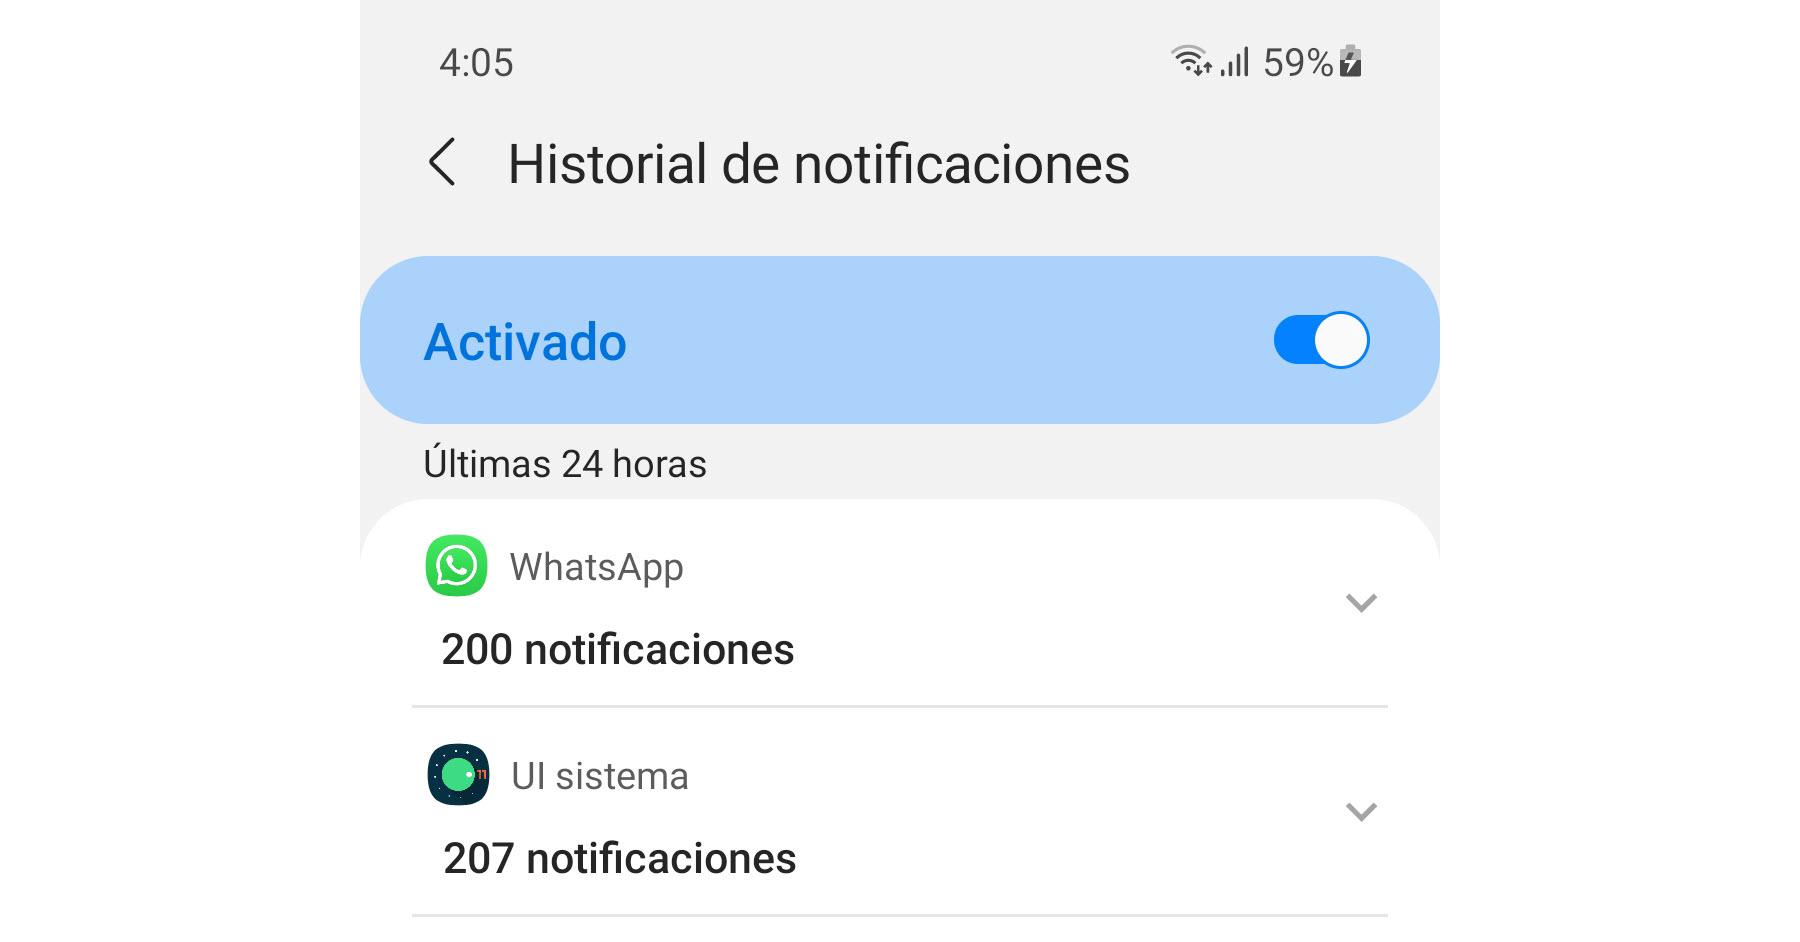 Cómo ver el historial o registro de notificaciones en Android